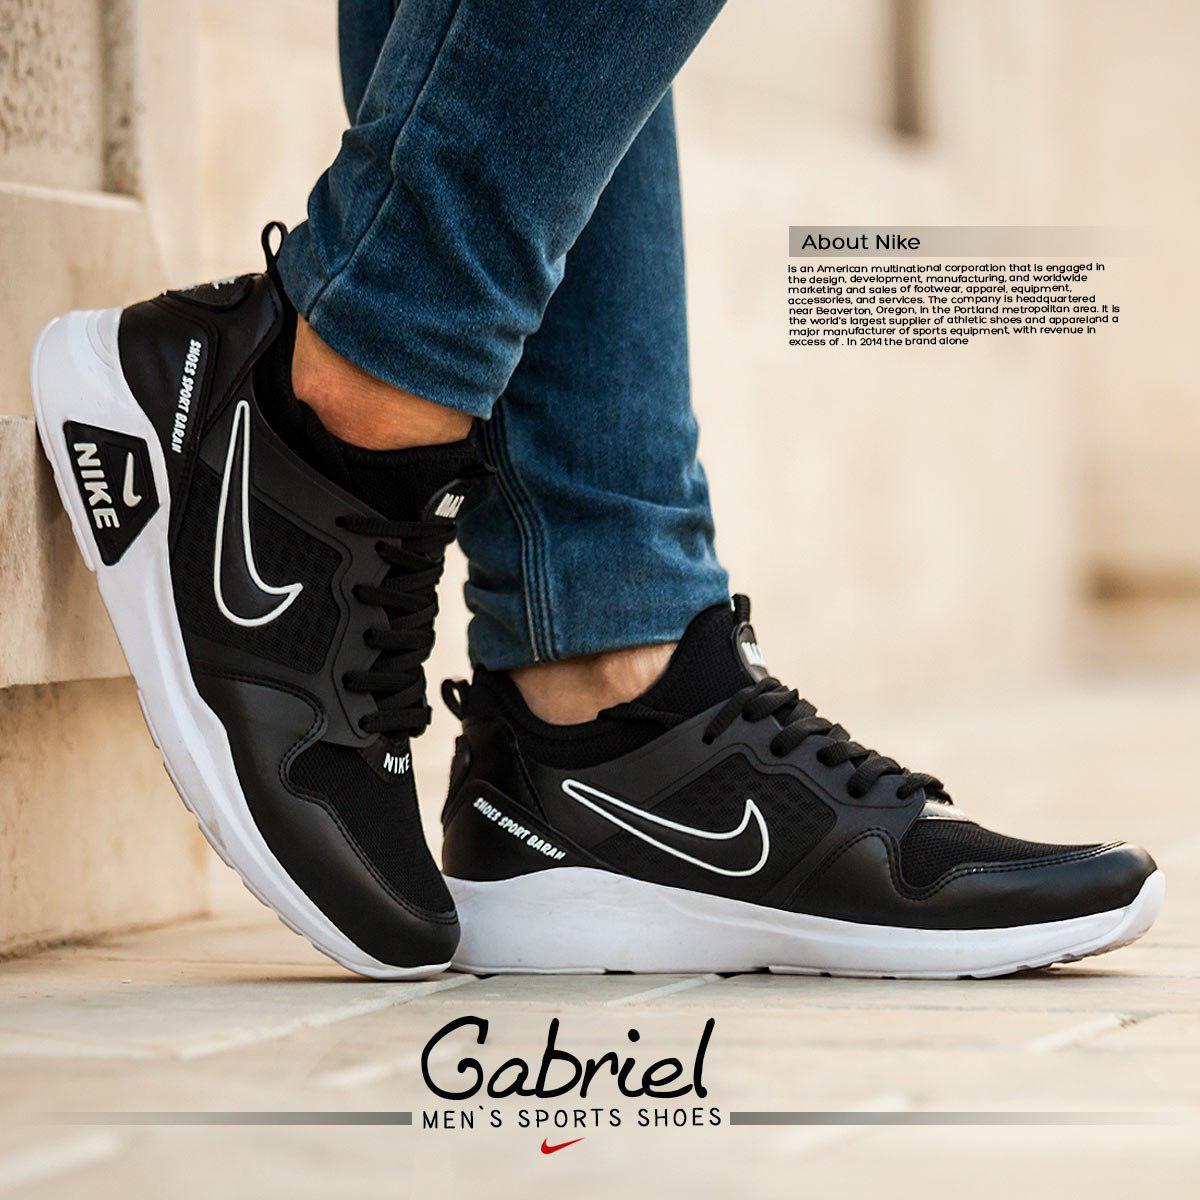 کفش مردانه nike مدل  Gabriel (سفید)